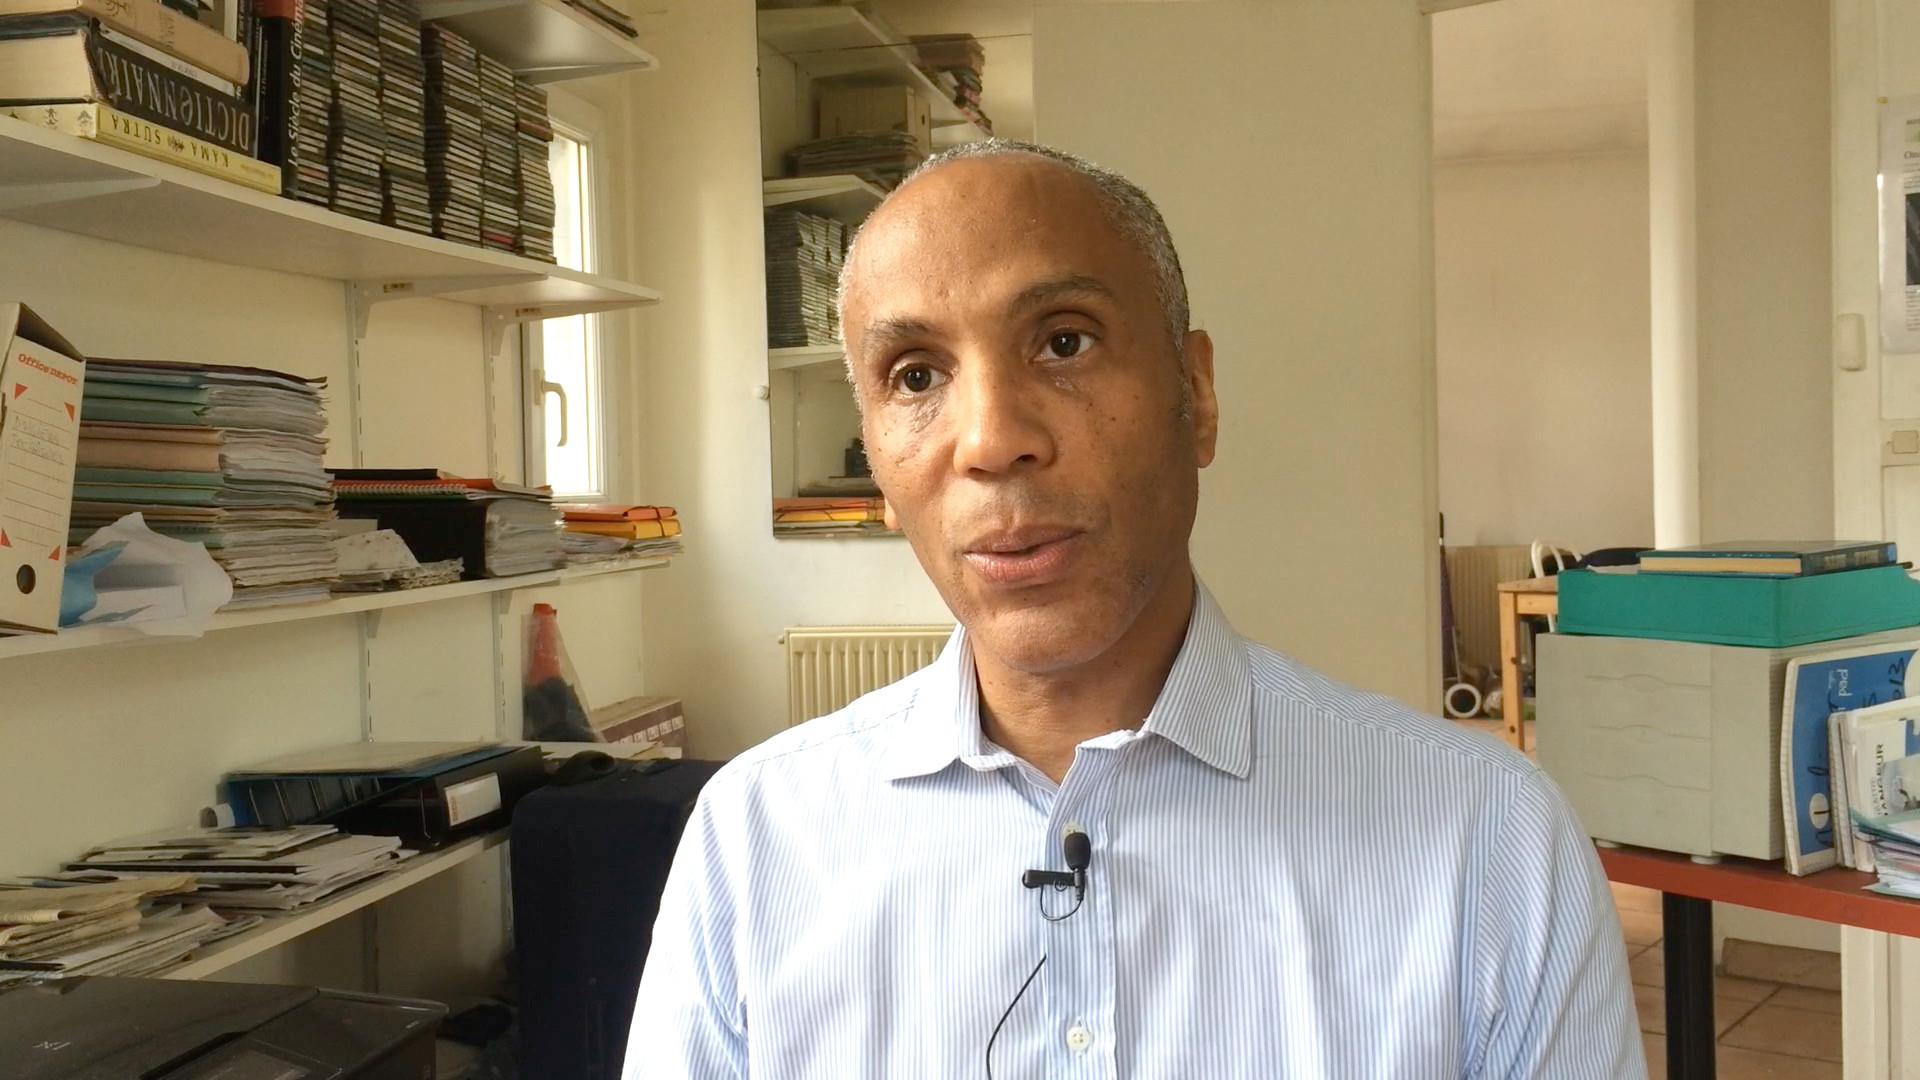 Image de la vidéo pour 'In Memoriam'